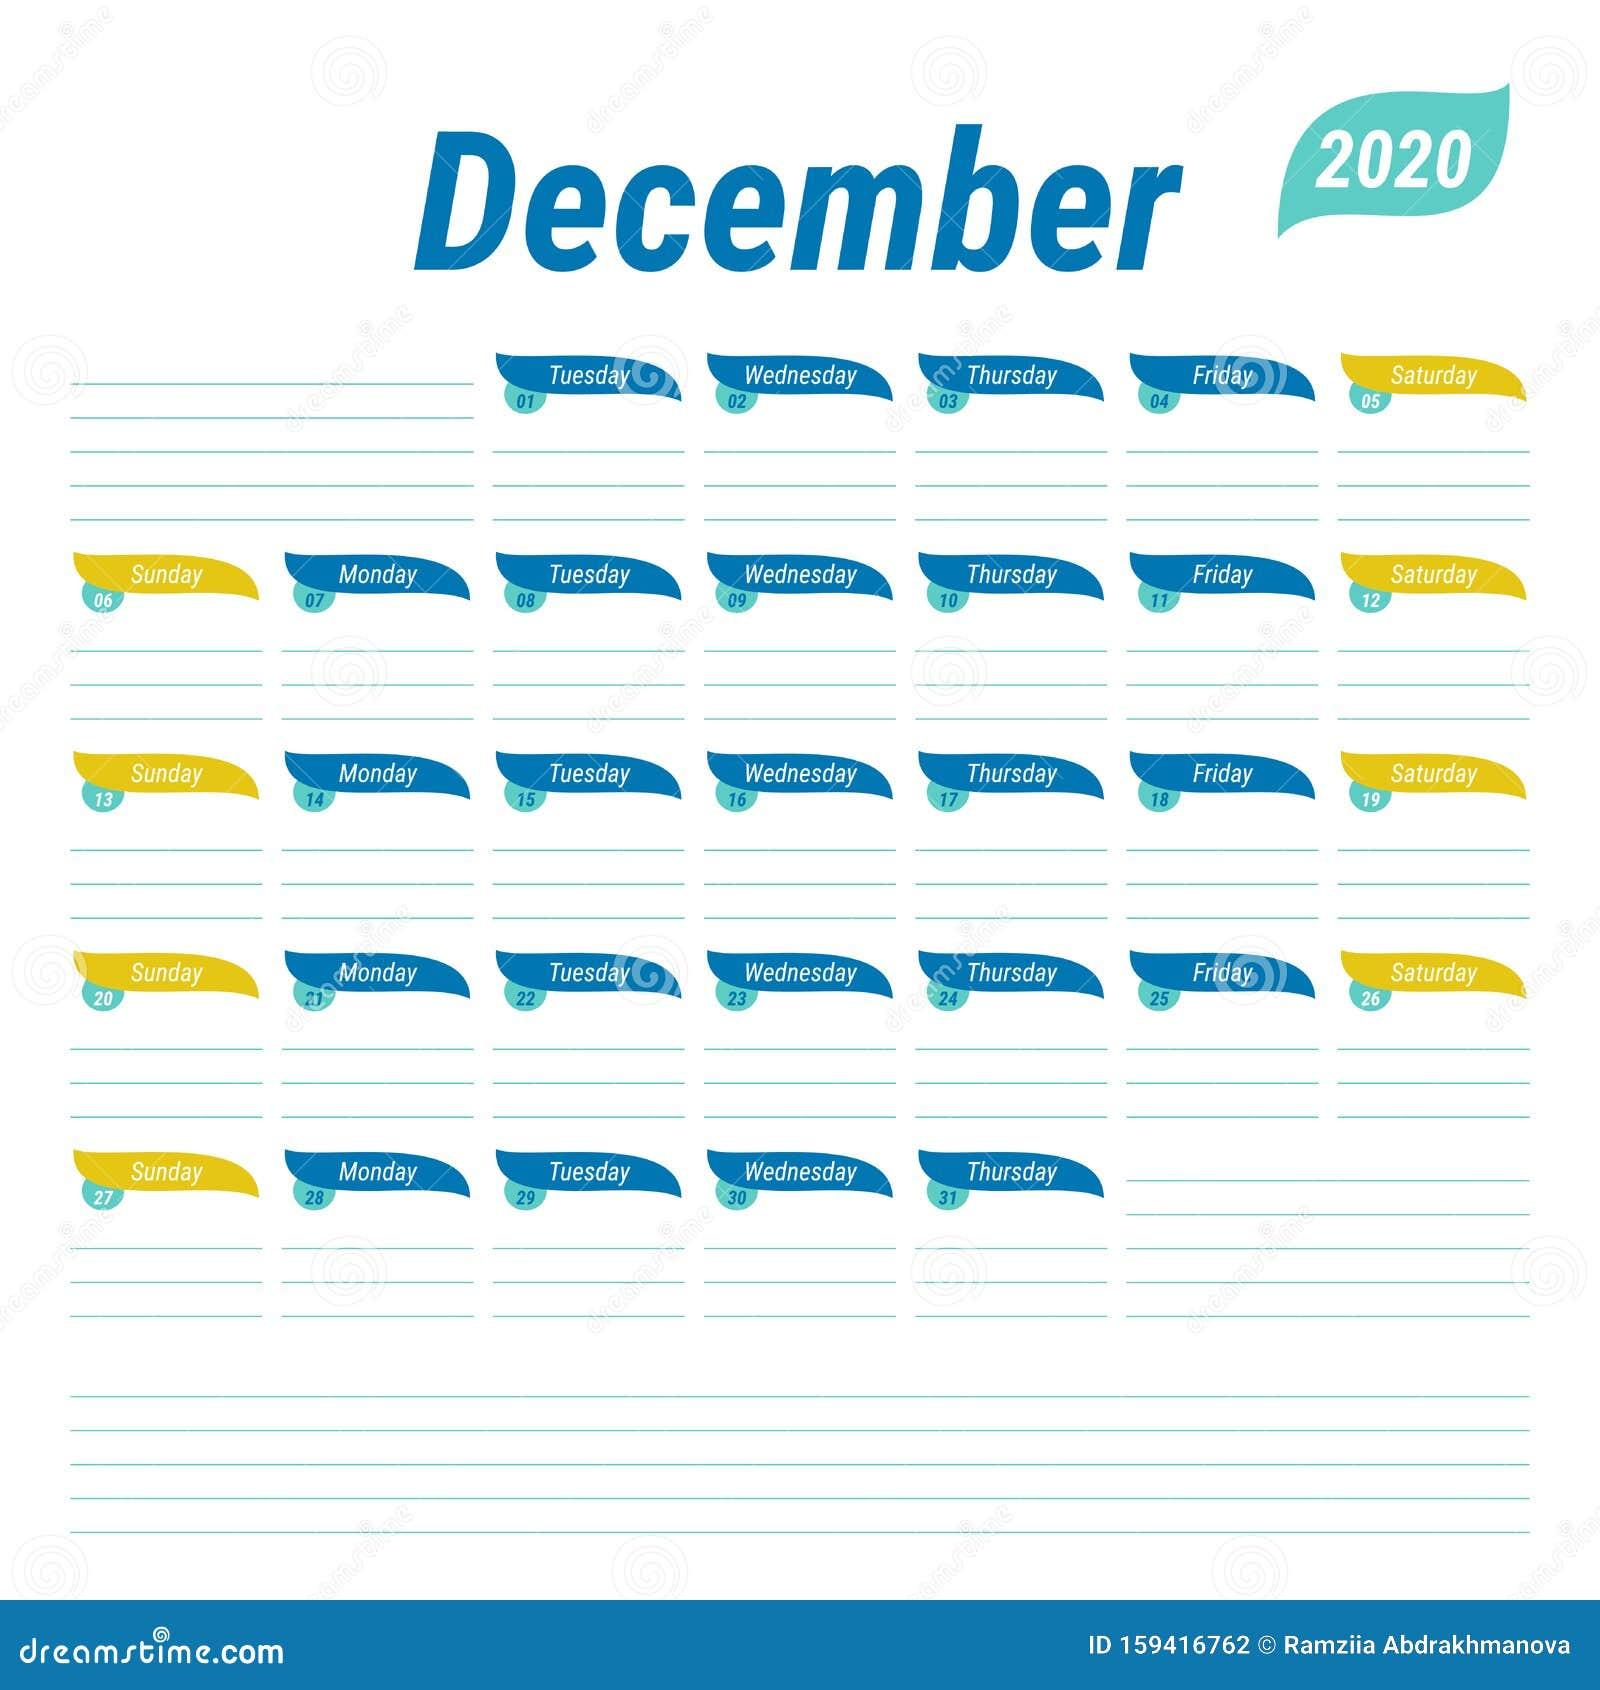 December 2020 Planner. English Calendar. Schedule Design ...